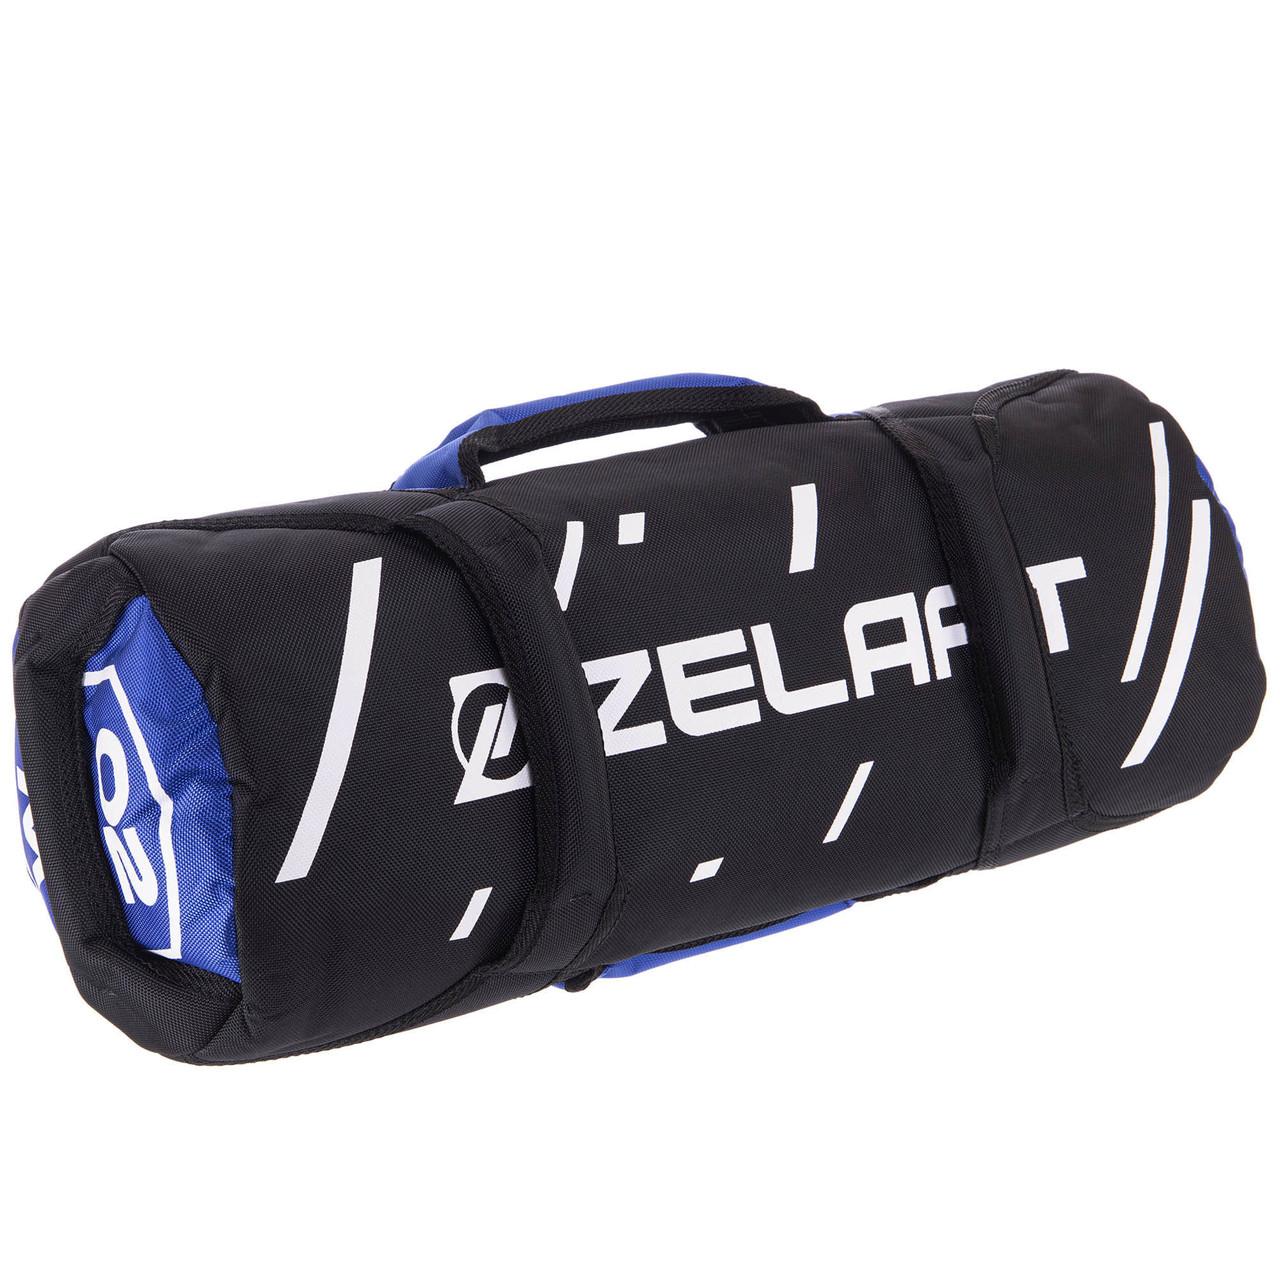 Сумка для кроссфита Zelart Sandbag FI-2627-M (MD1687-M) синій-чорний